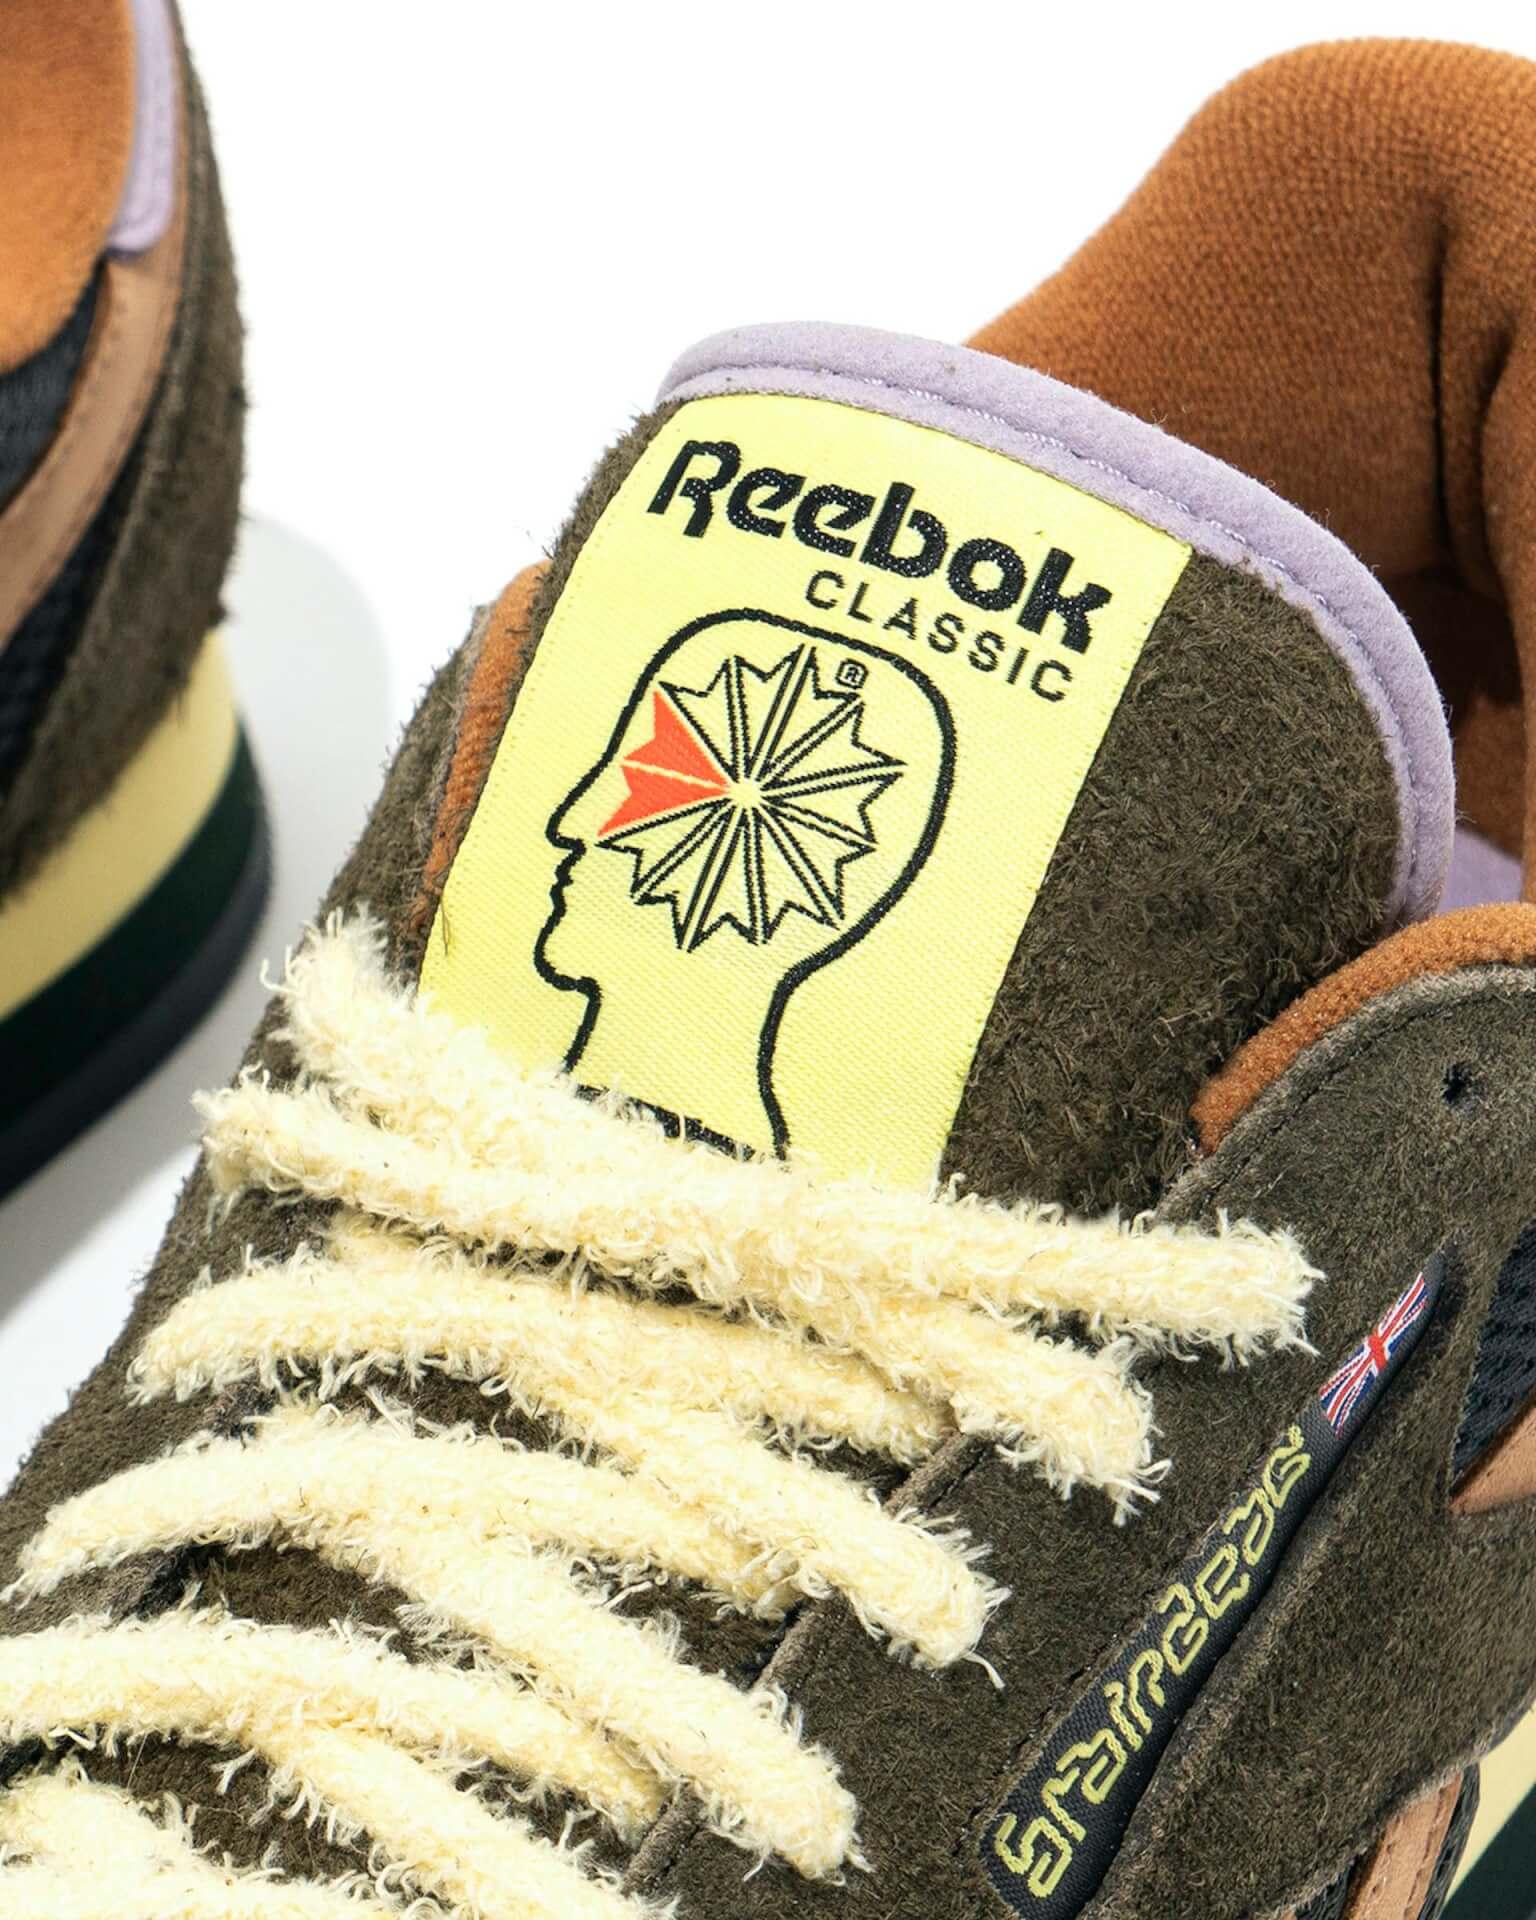 リーボックがLAのストリートブランド「BRAIN DEAD」とコラボ!限定ロゴがあしらわれた『CLASSIC LEATHER』が登場 lf200622_reebok_braindead_04